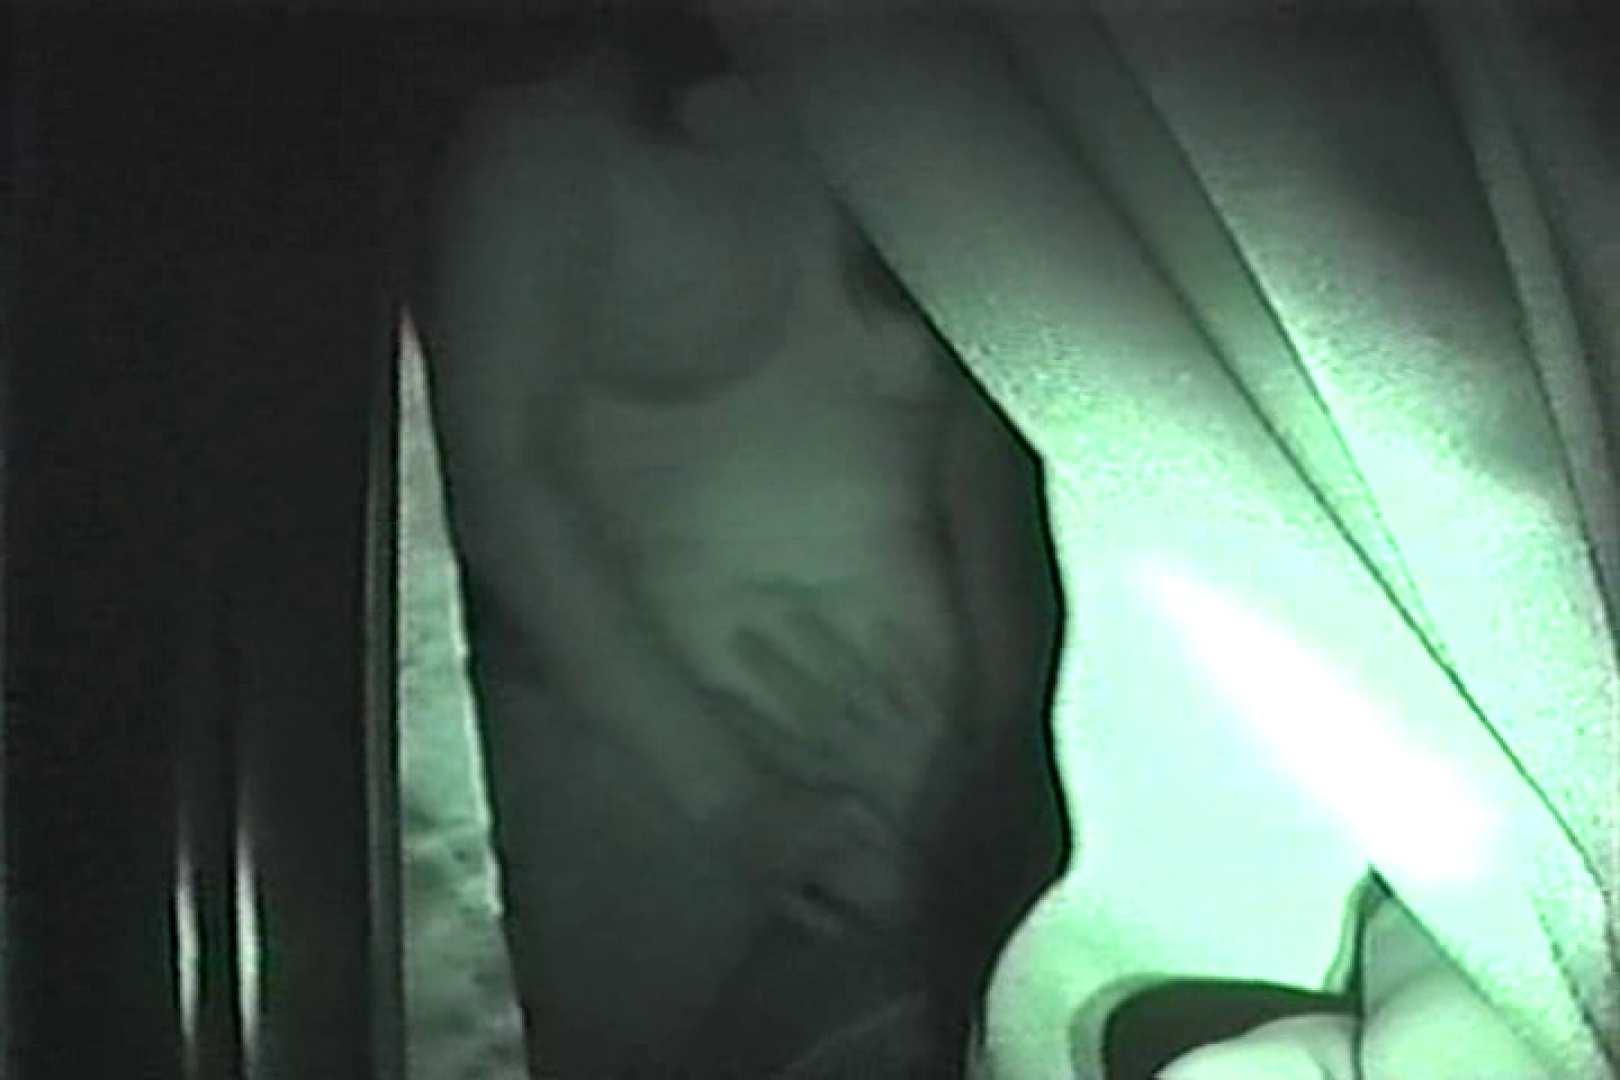 MASAさんの待ち伏せ撮り! 赤外線カーセックスVol.11 おまんこ無修正 セックス画像 87画像 48